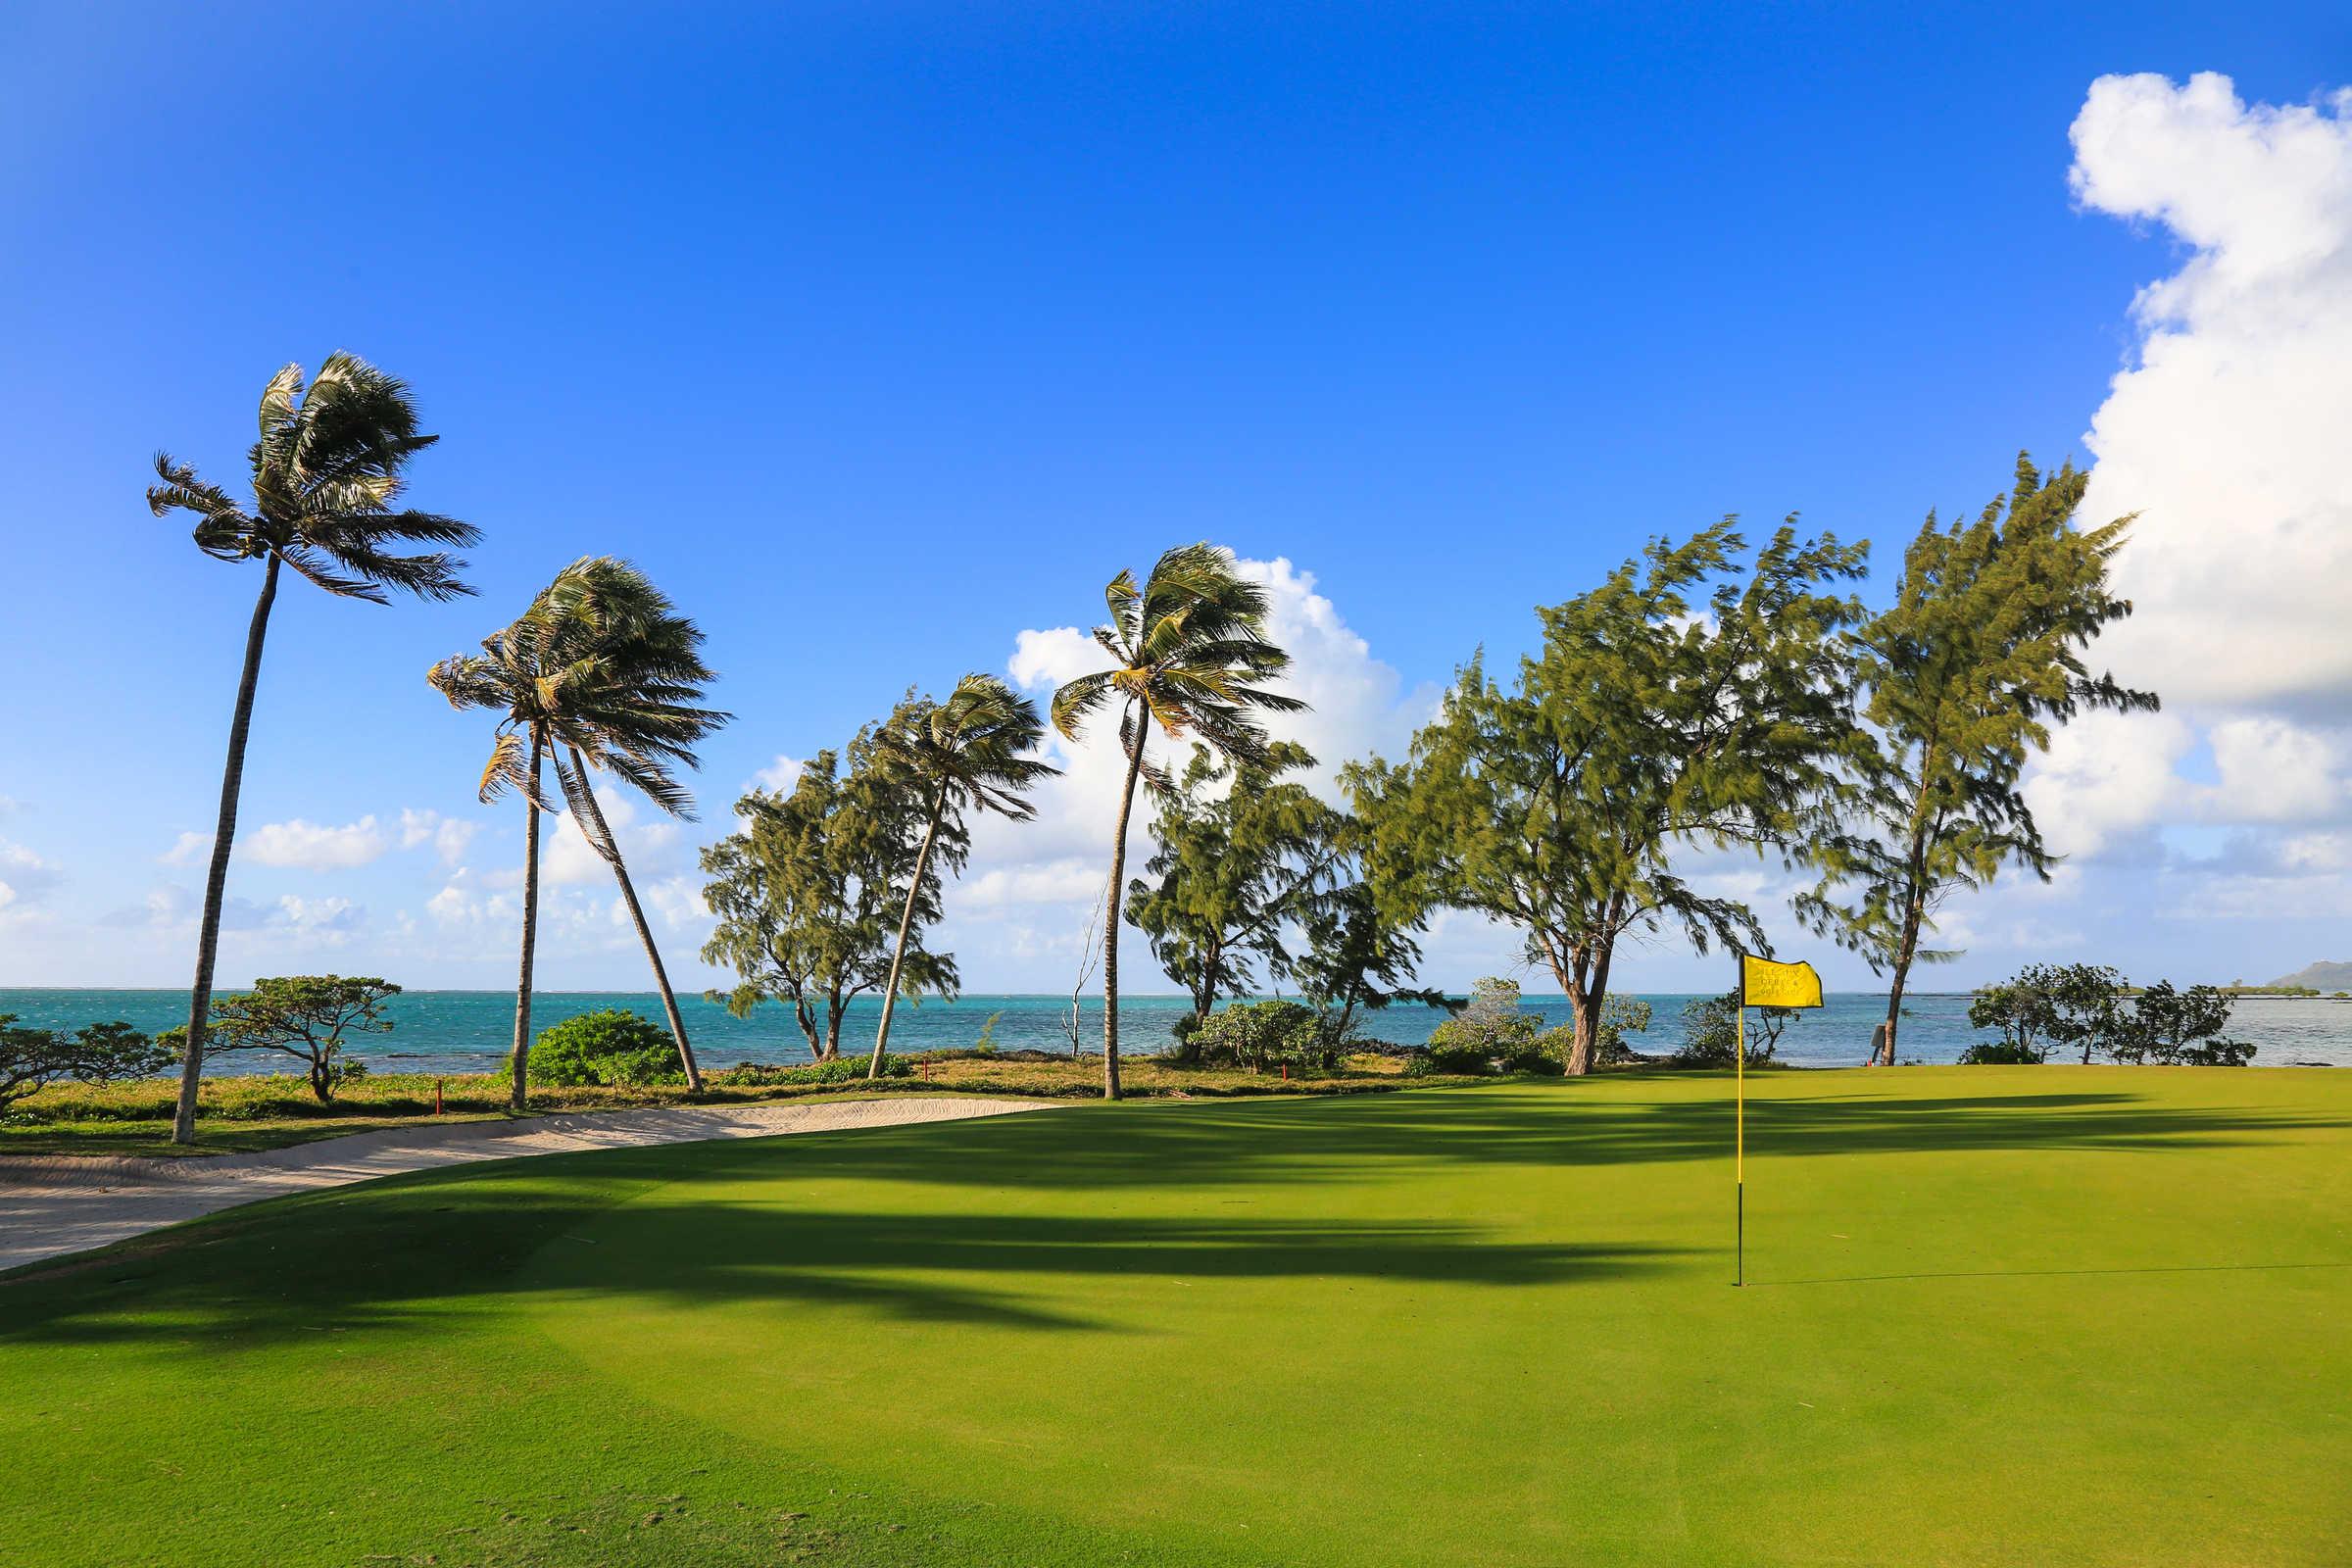 Der Île aux Cerfs Golfplatz gehört zu den bekanntesten und spektakulärsten Plätzen der Welt. (Foto: Sun Resorts)